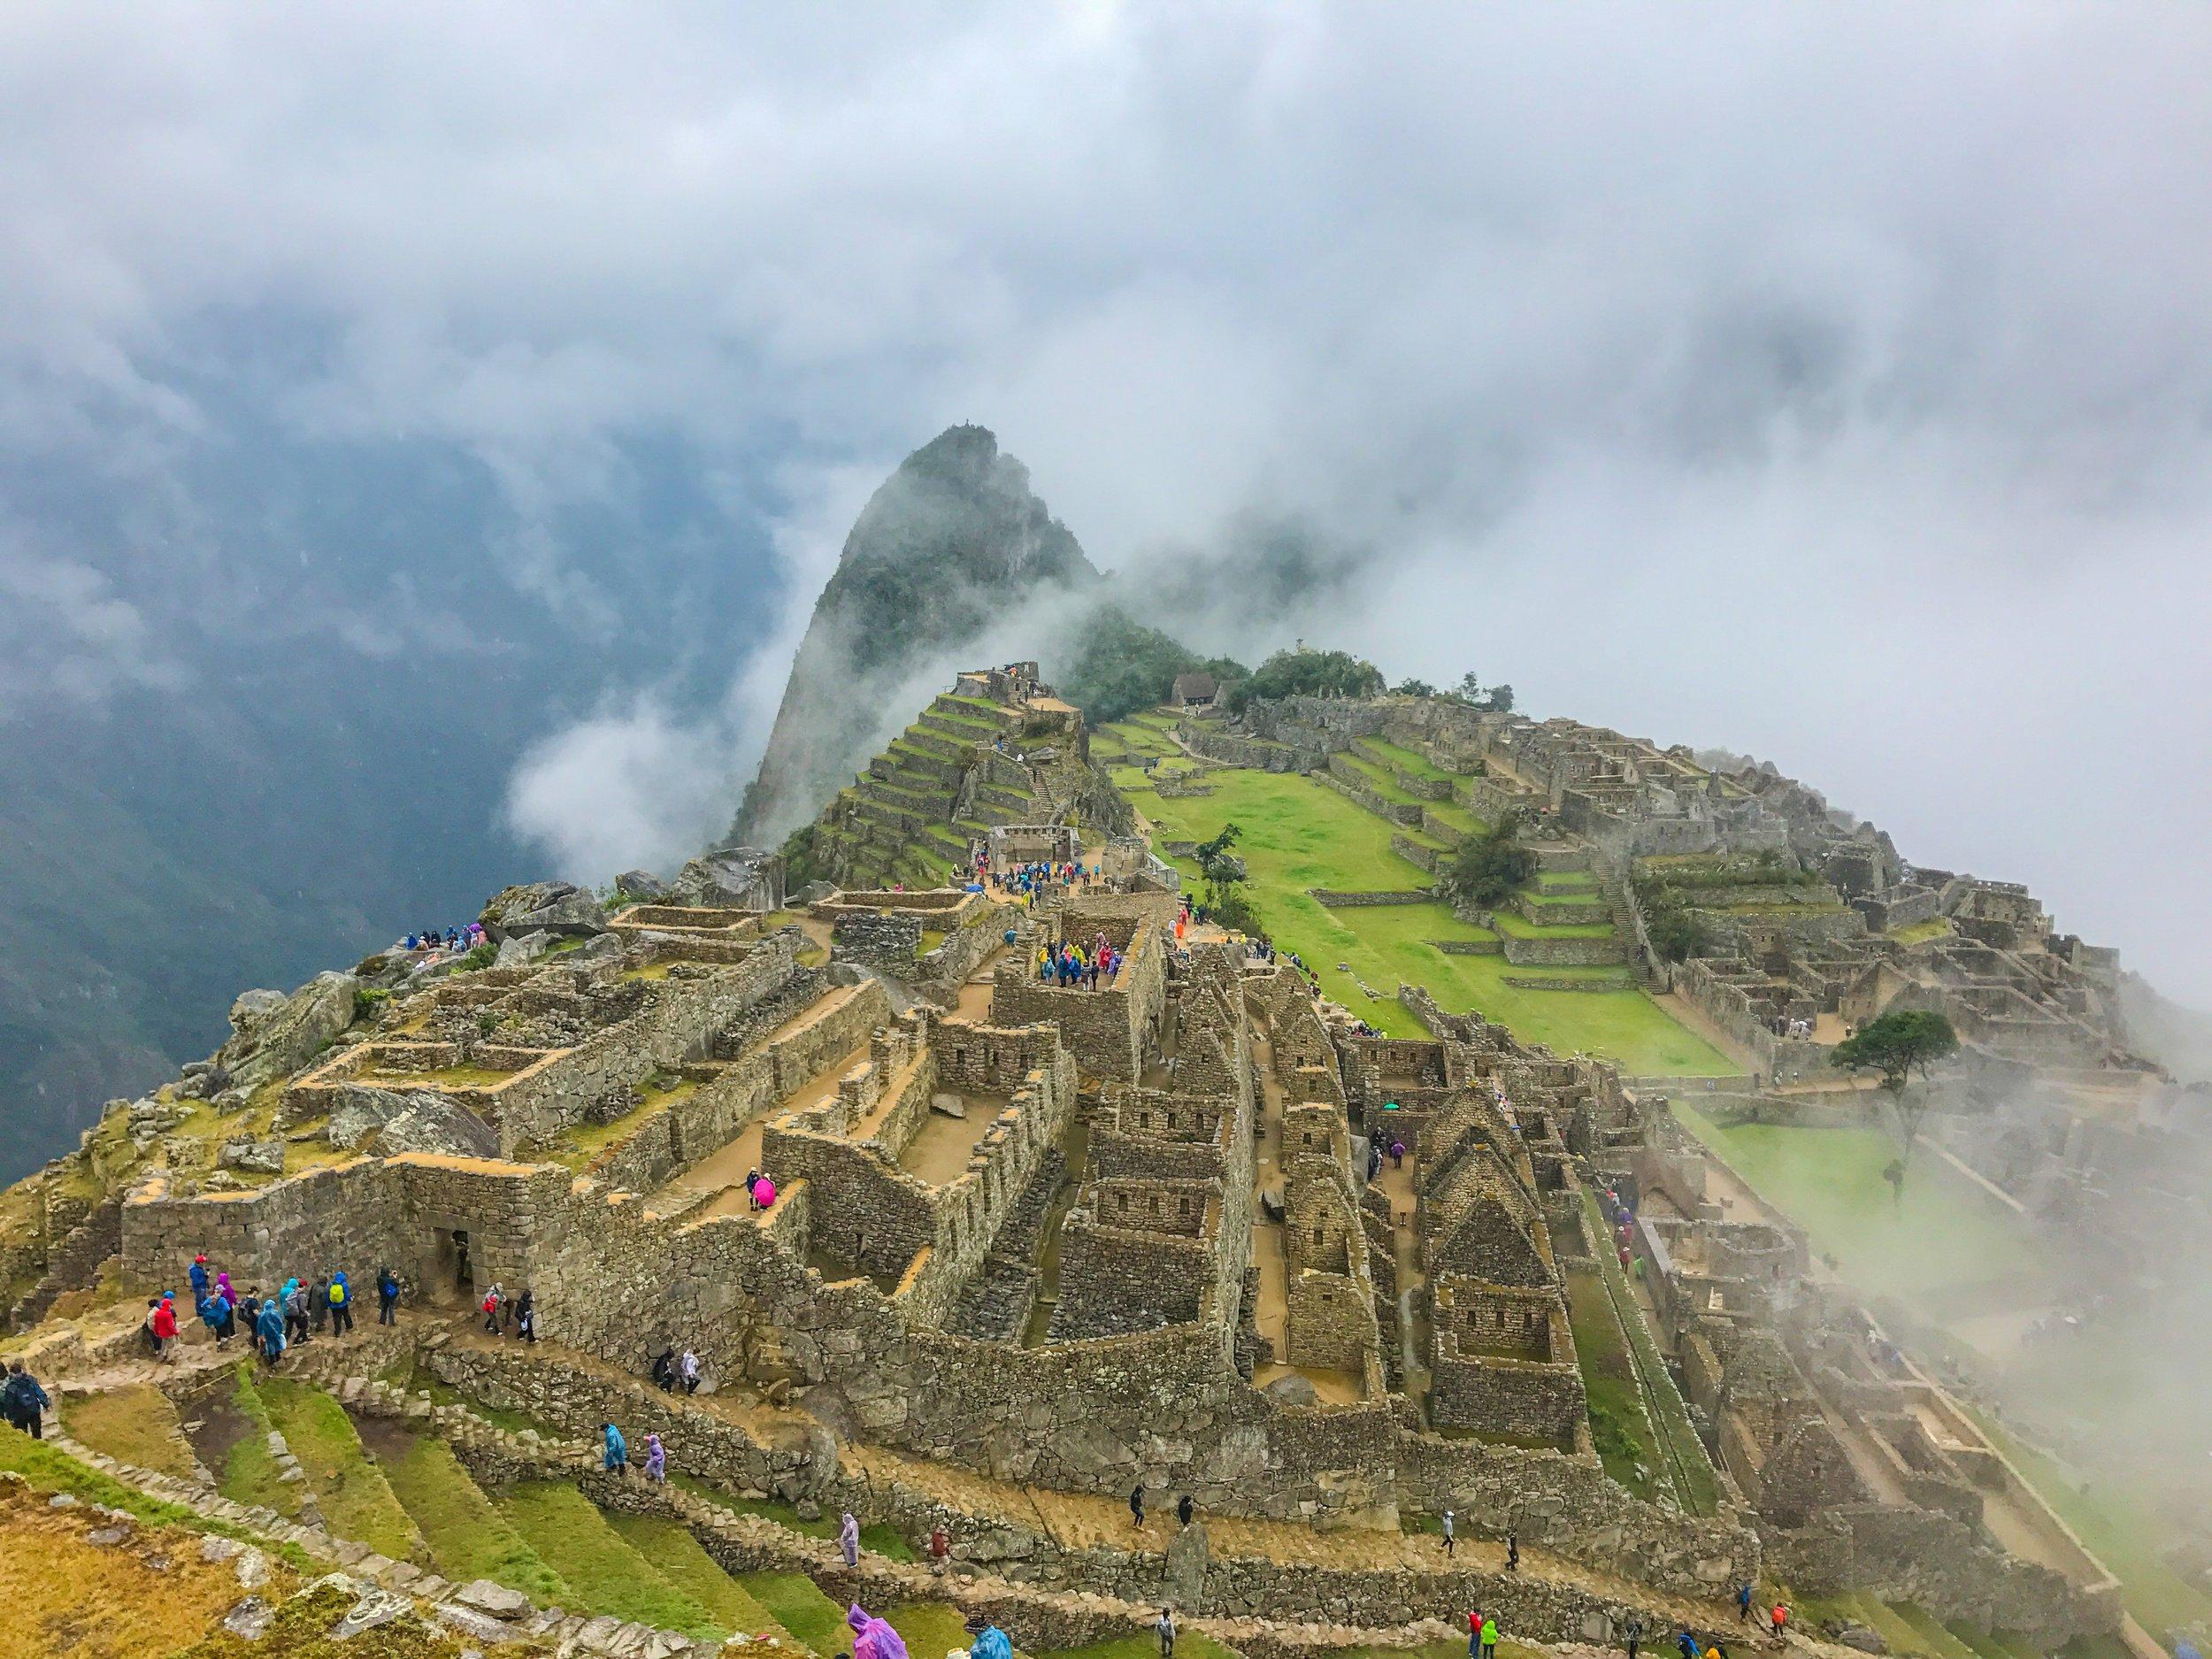 Cloudy, as usual, in Machu Picchu